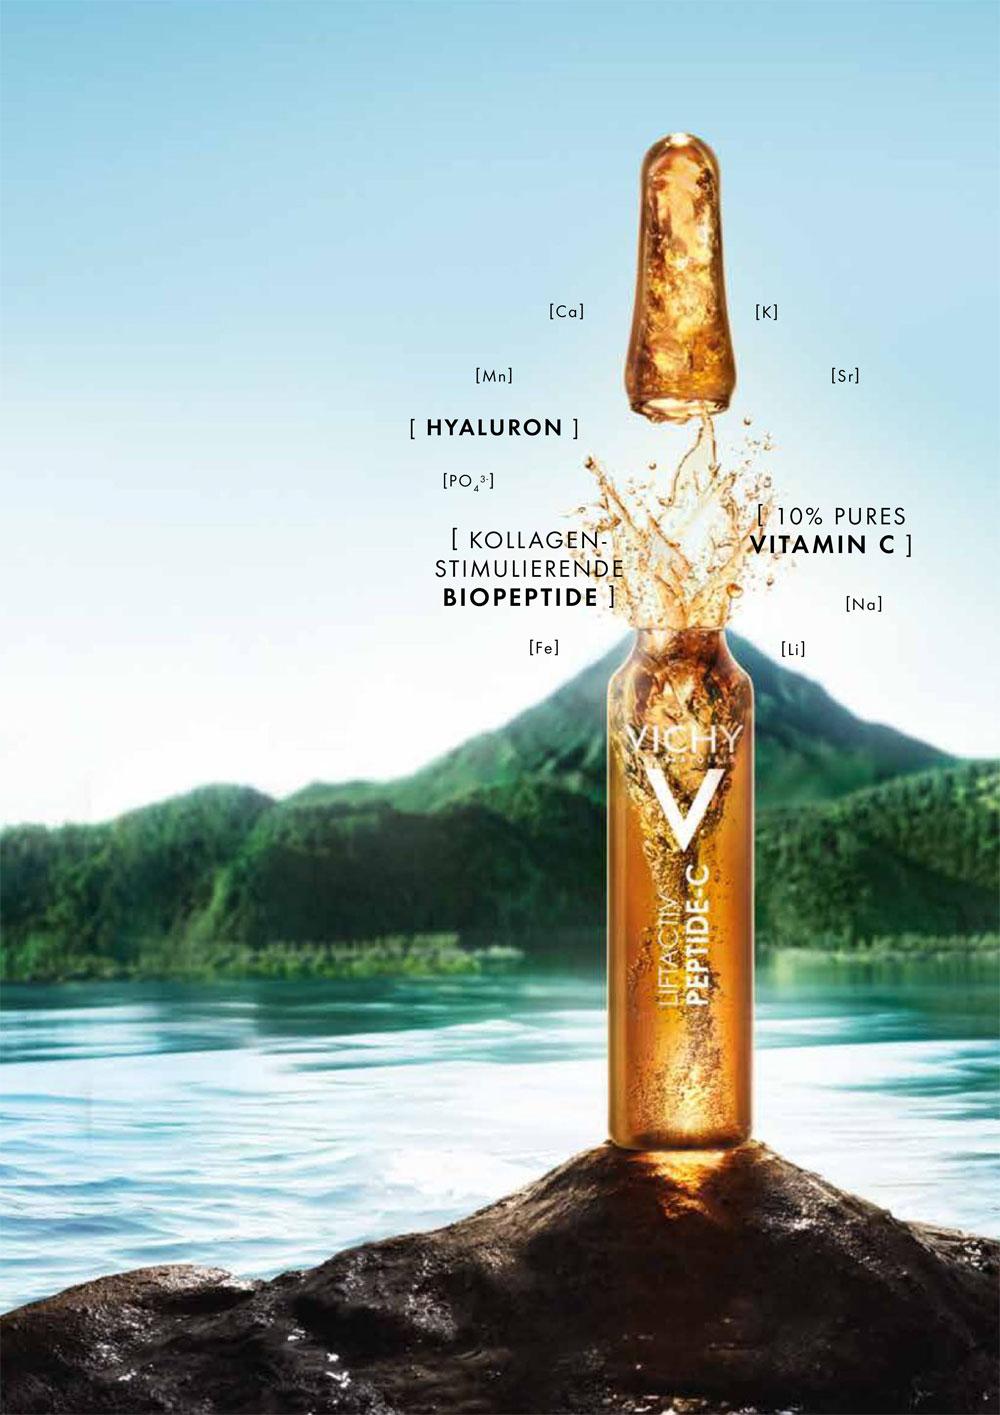 Minimalistische Formel, maximale Wirkung: die Vichy Liftactiv Specialist Peptice-C Anti-Aging Ampullen von Vichy versprechen eine glatte, straffe und strahlende Haut in nur einem Monat.